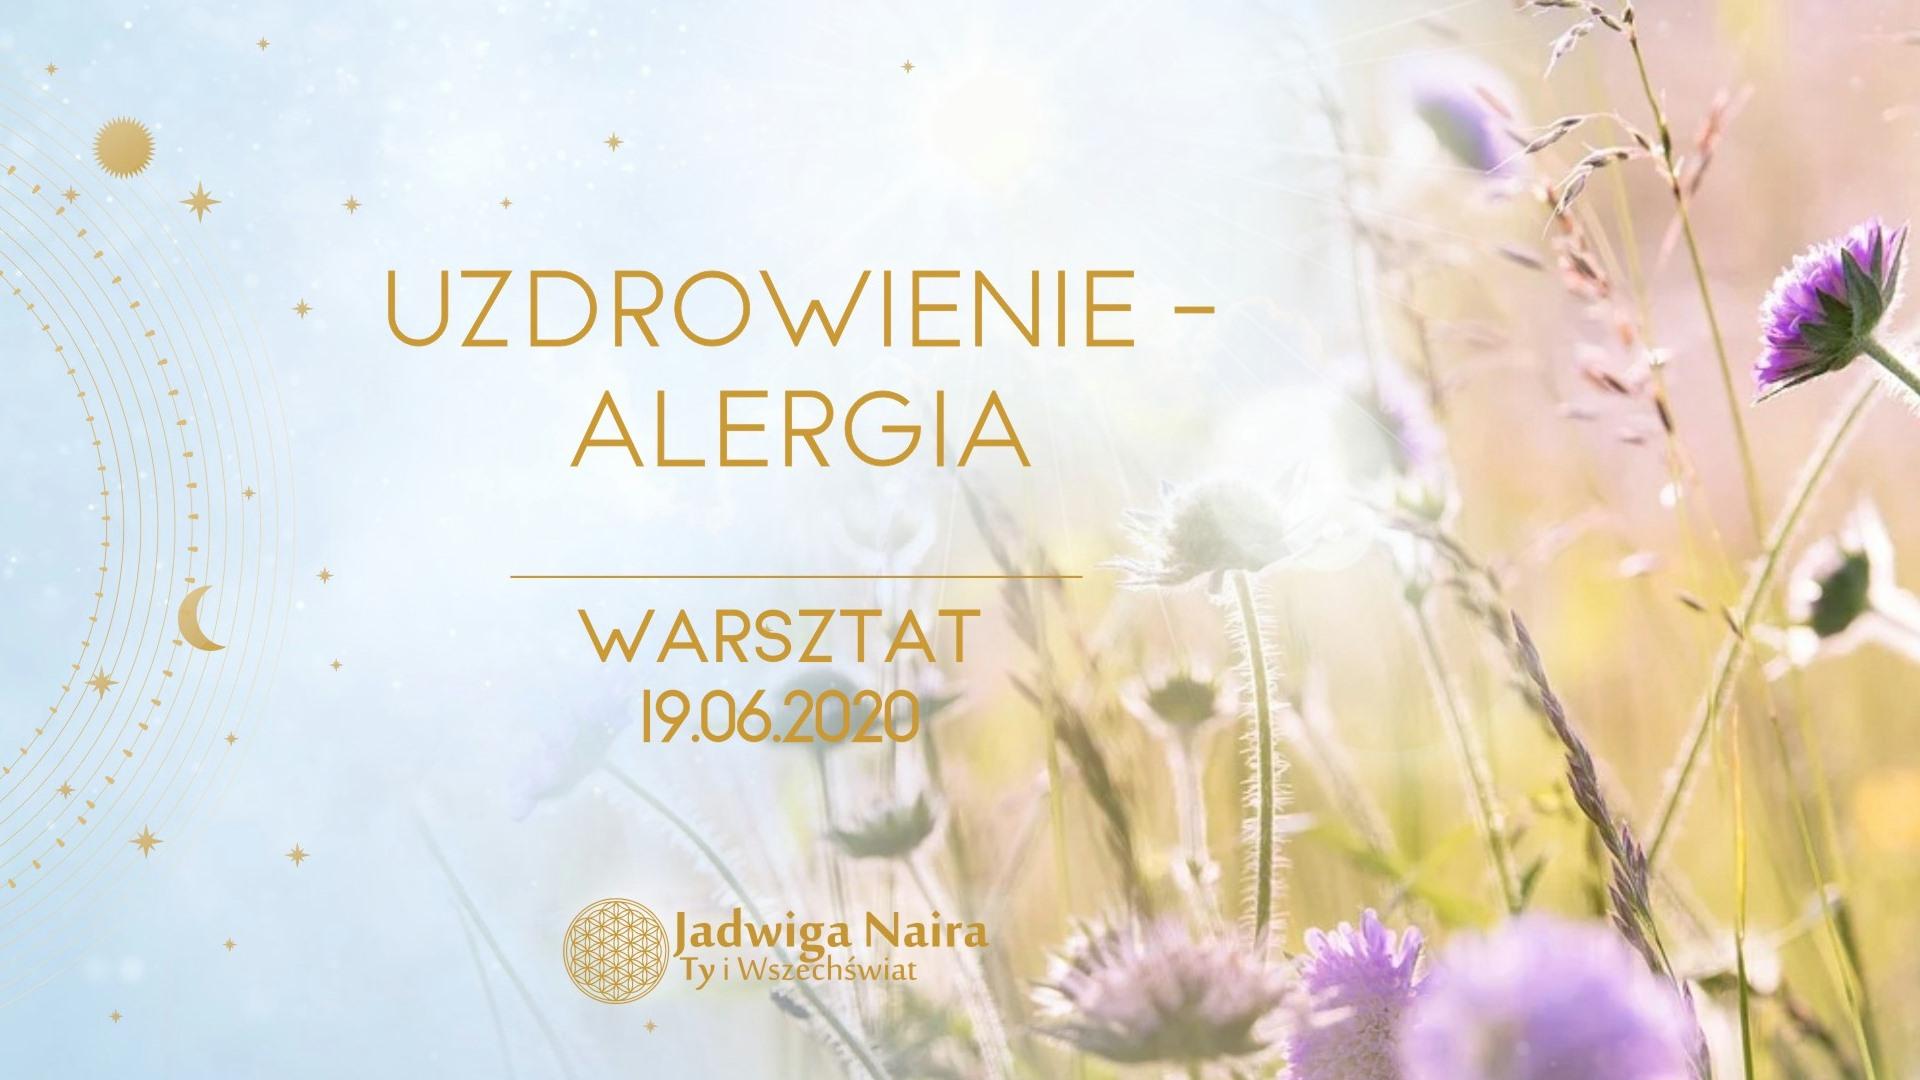 Warsztat Uzdrowienie/Alergia - Online